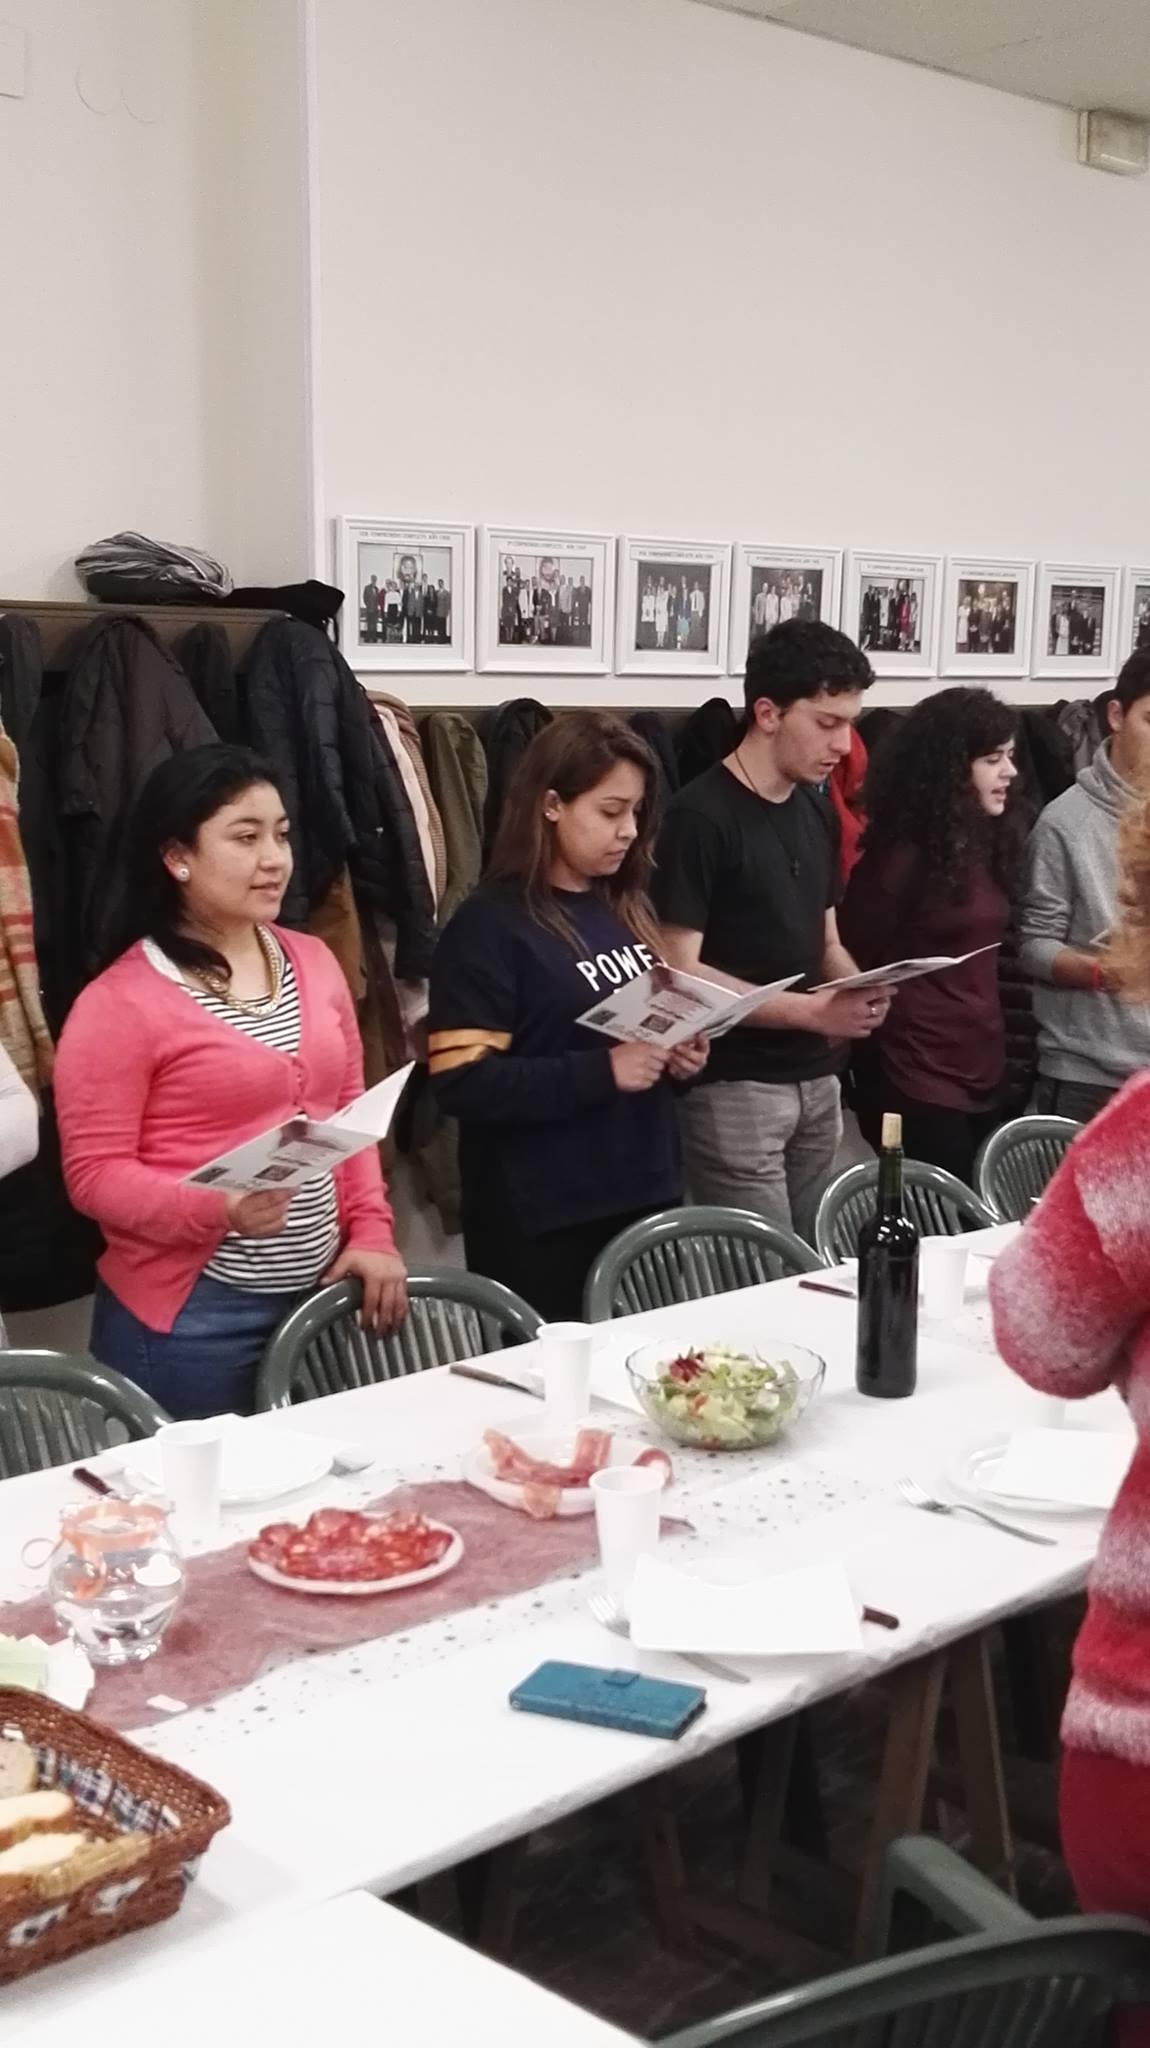 2017.02.04 - CASD FGNV con Sector Familias (1).jpg